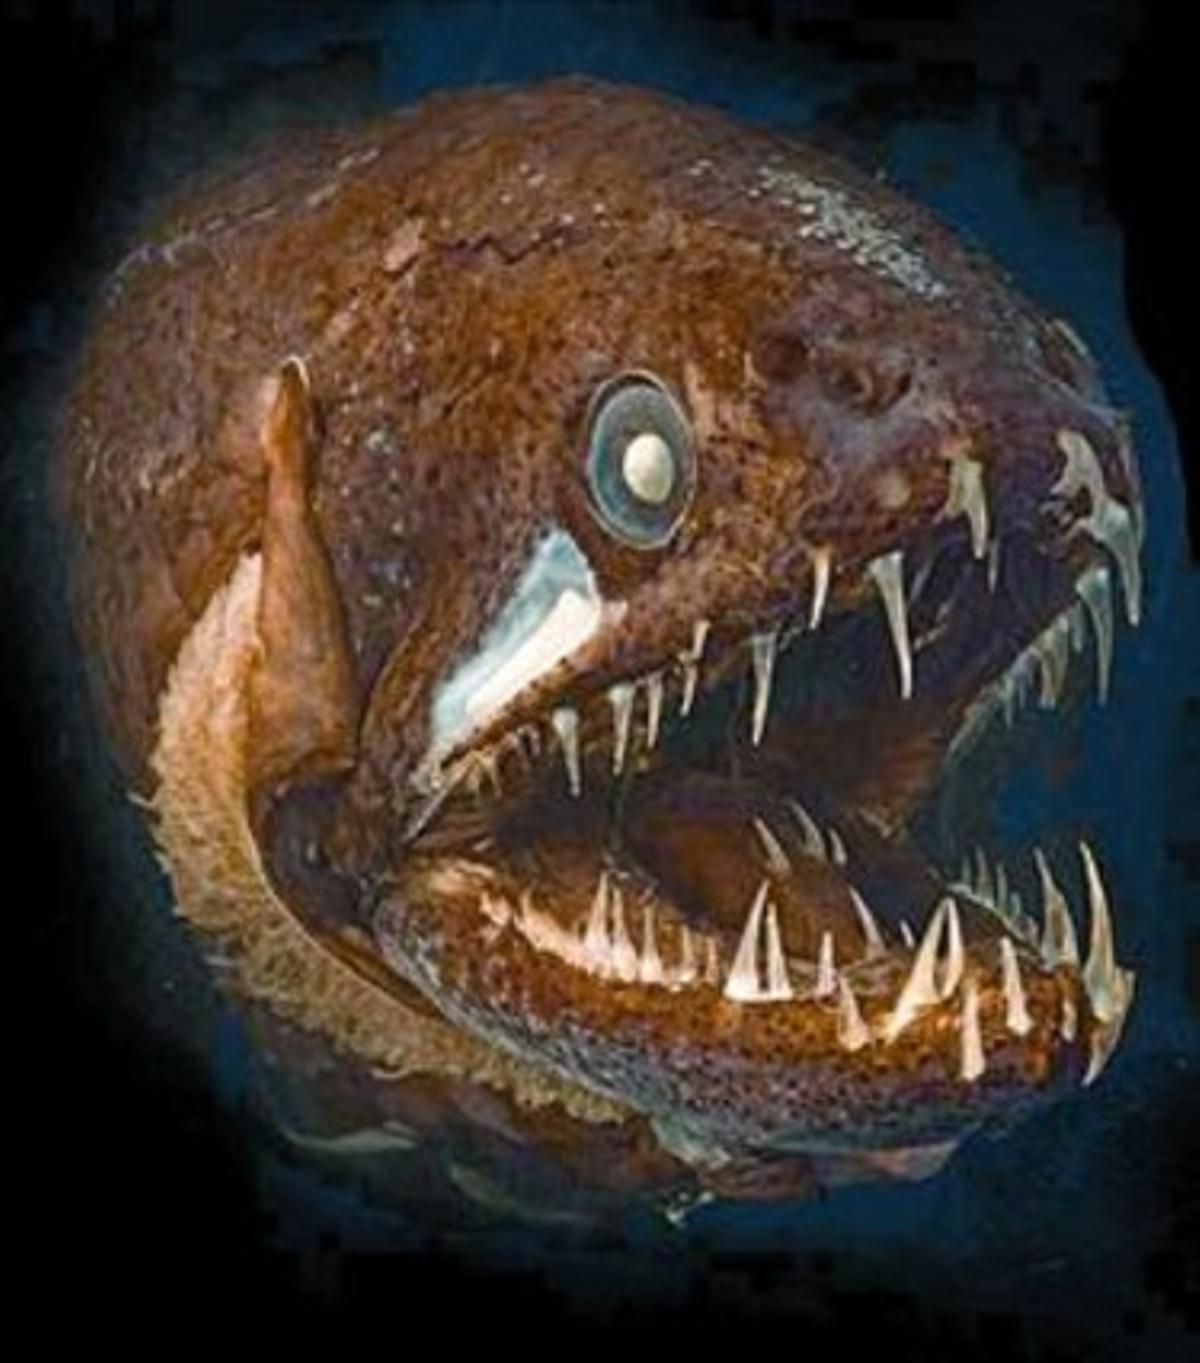 El llamado pez de los Sargazos (izquierda) y un pez dragón, dos de las especies incluidas en Censo de la Vida Marina.